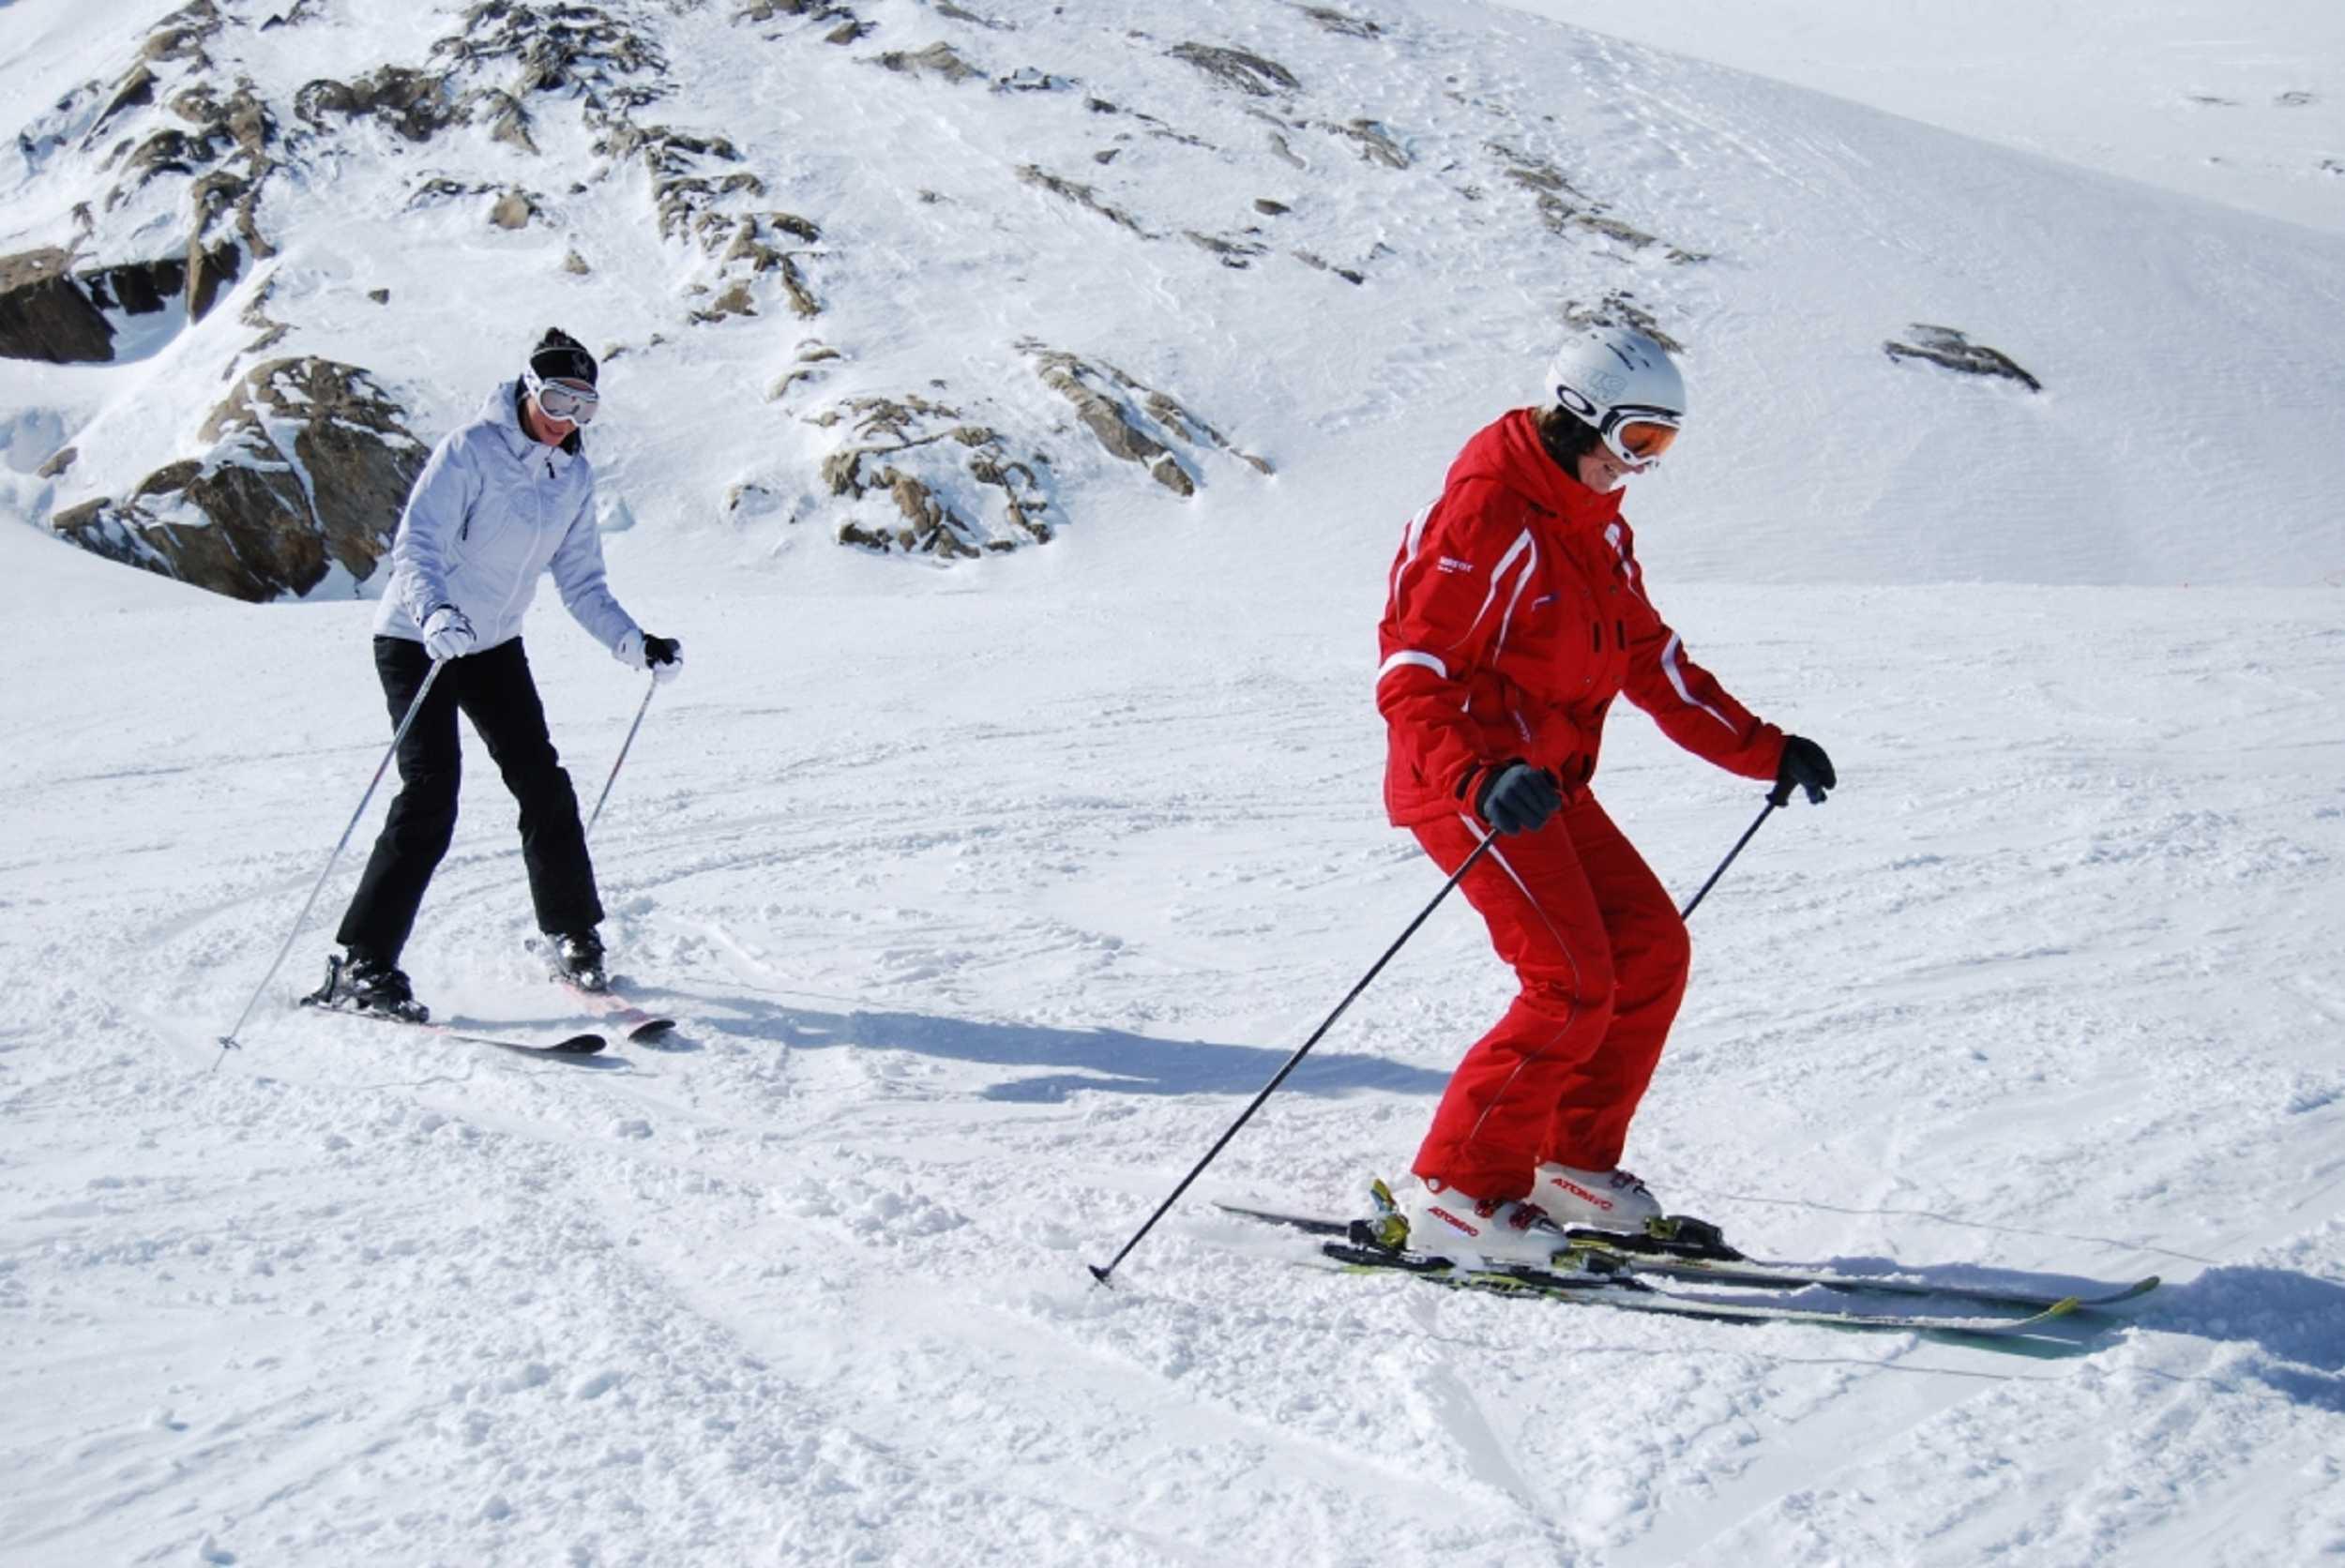 """Skilessen """"Fun Package"""" voor volwassenen - Beginners"""